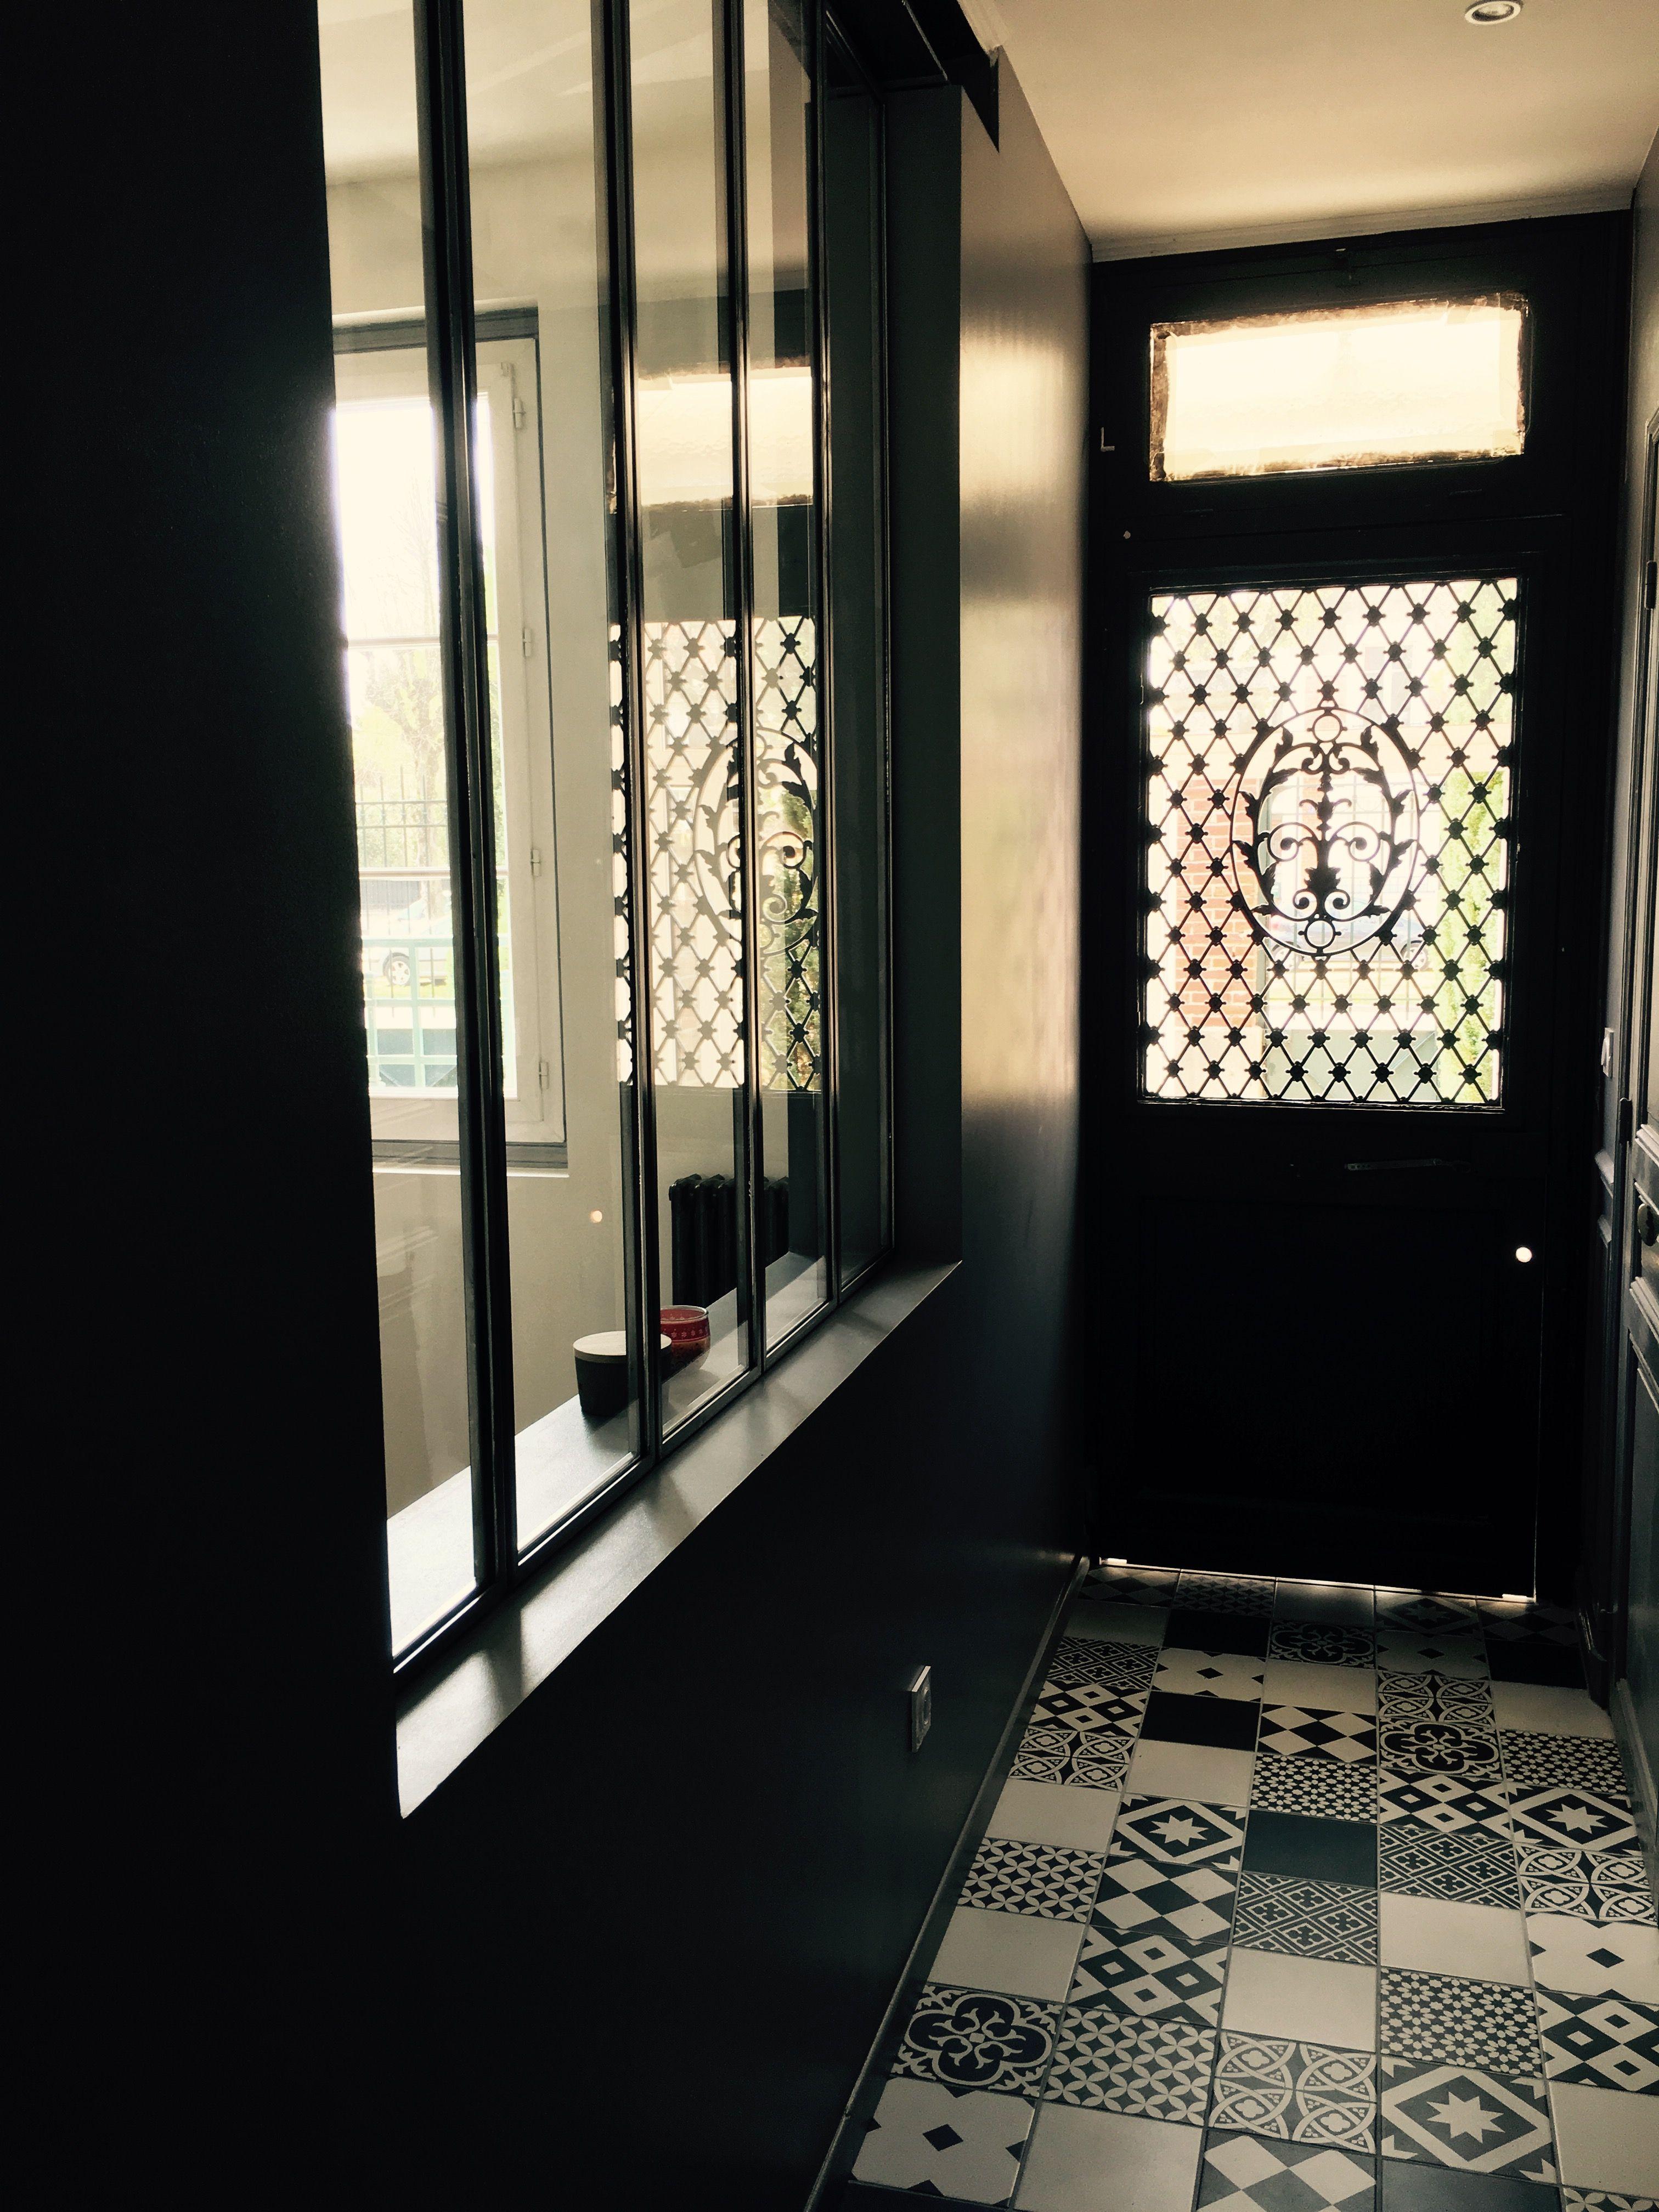 entr e porte ancienne carreau ciment leroy merlin et verri re esprit atelier la maison home. Black Bedroom Furniture Sets. Home Design Ideas